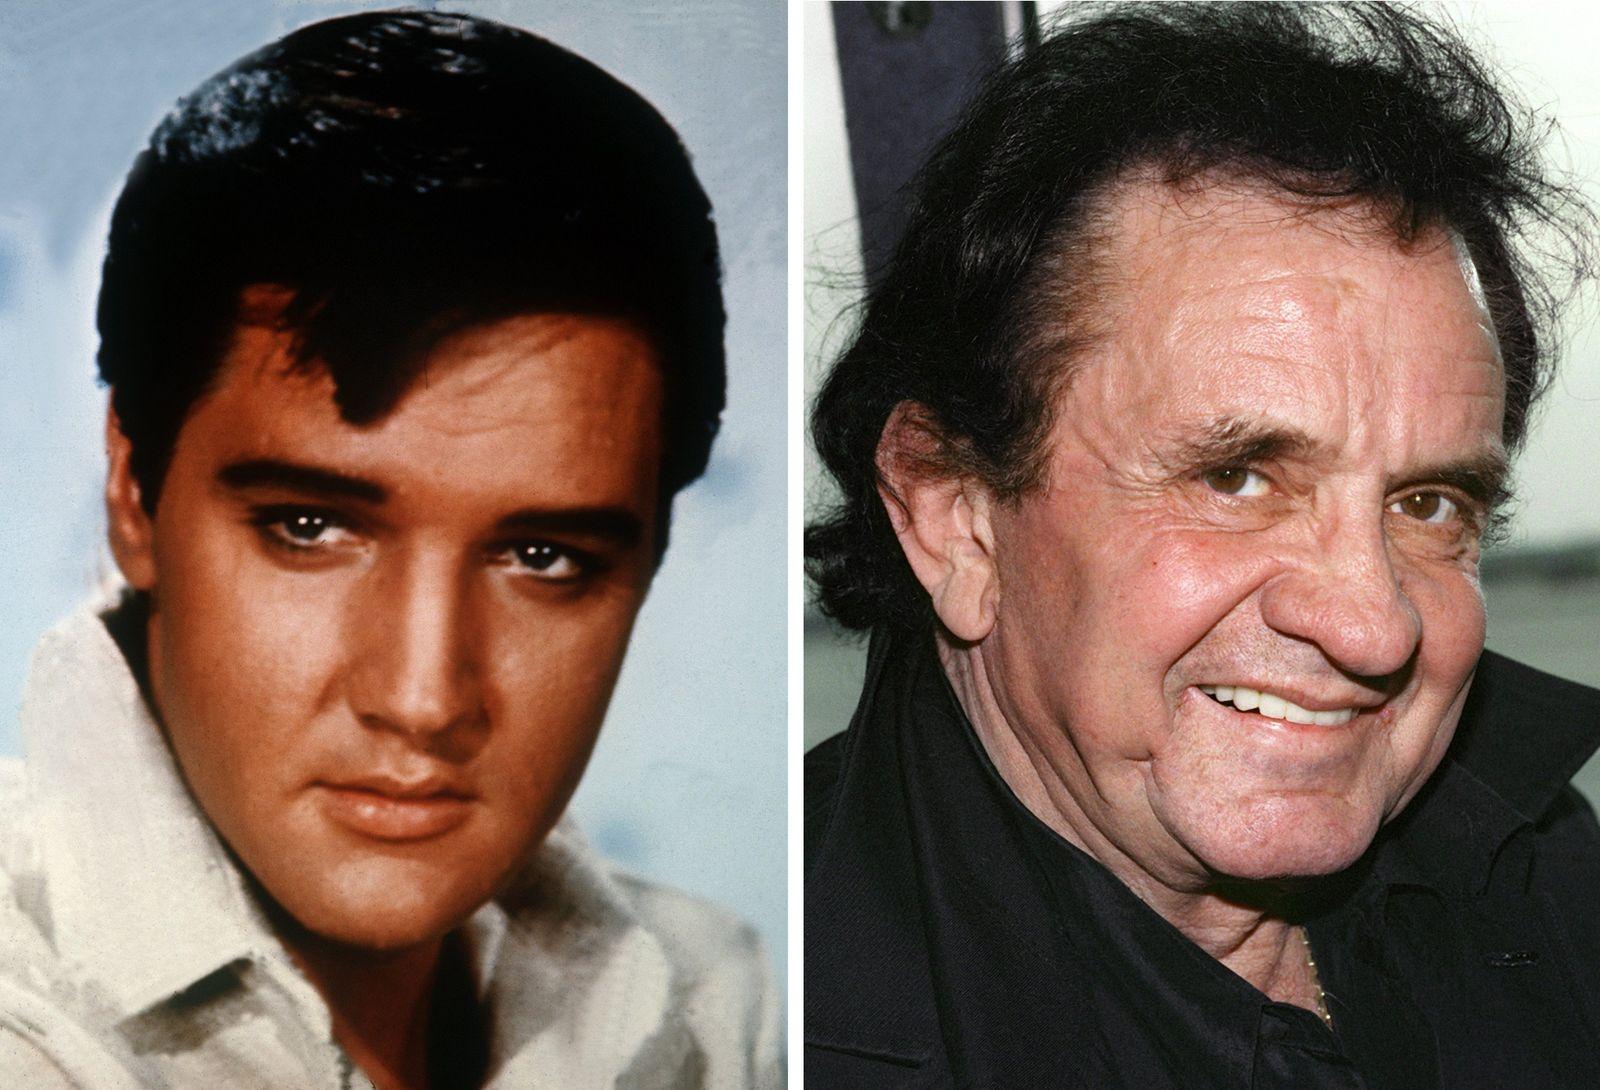 ACHTUNG SPERRFRIST 27. MÄRZ 01.01 UHRElvis Presley und Johnny Cash